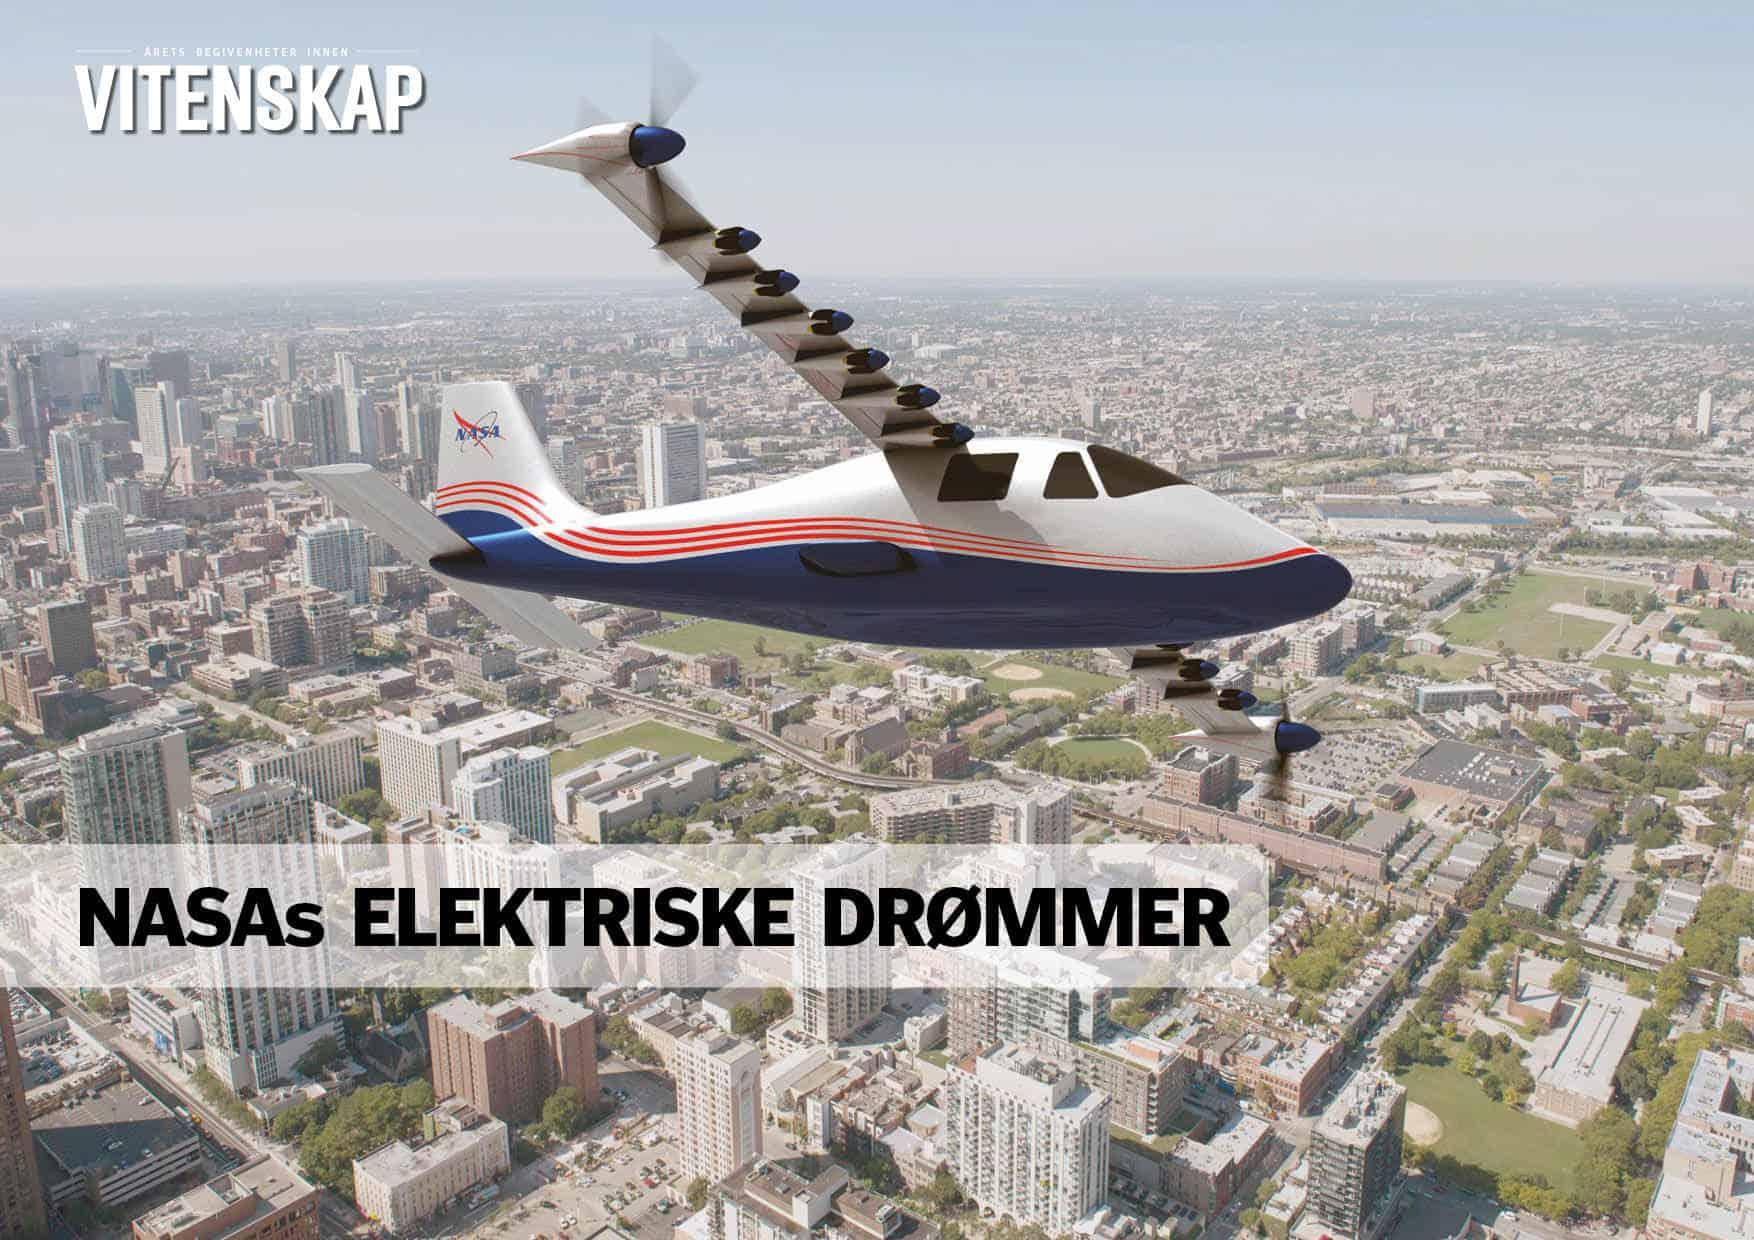 NASAs elektriske drømmer